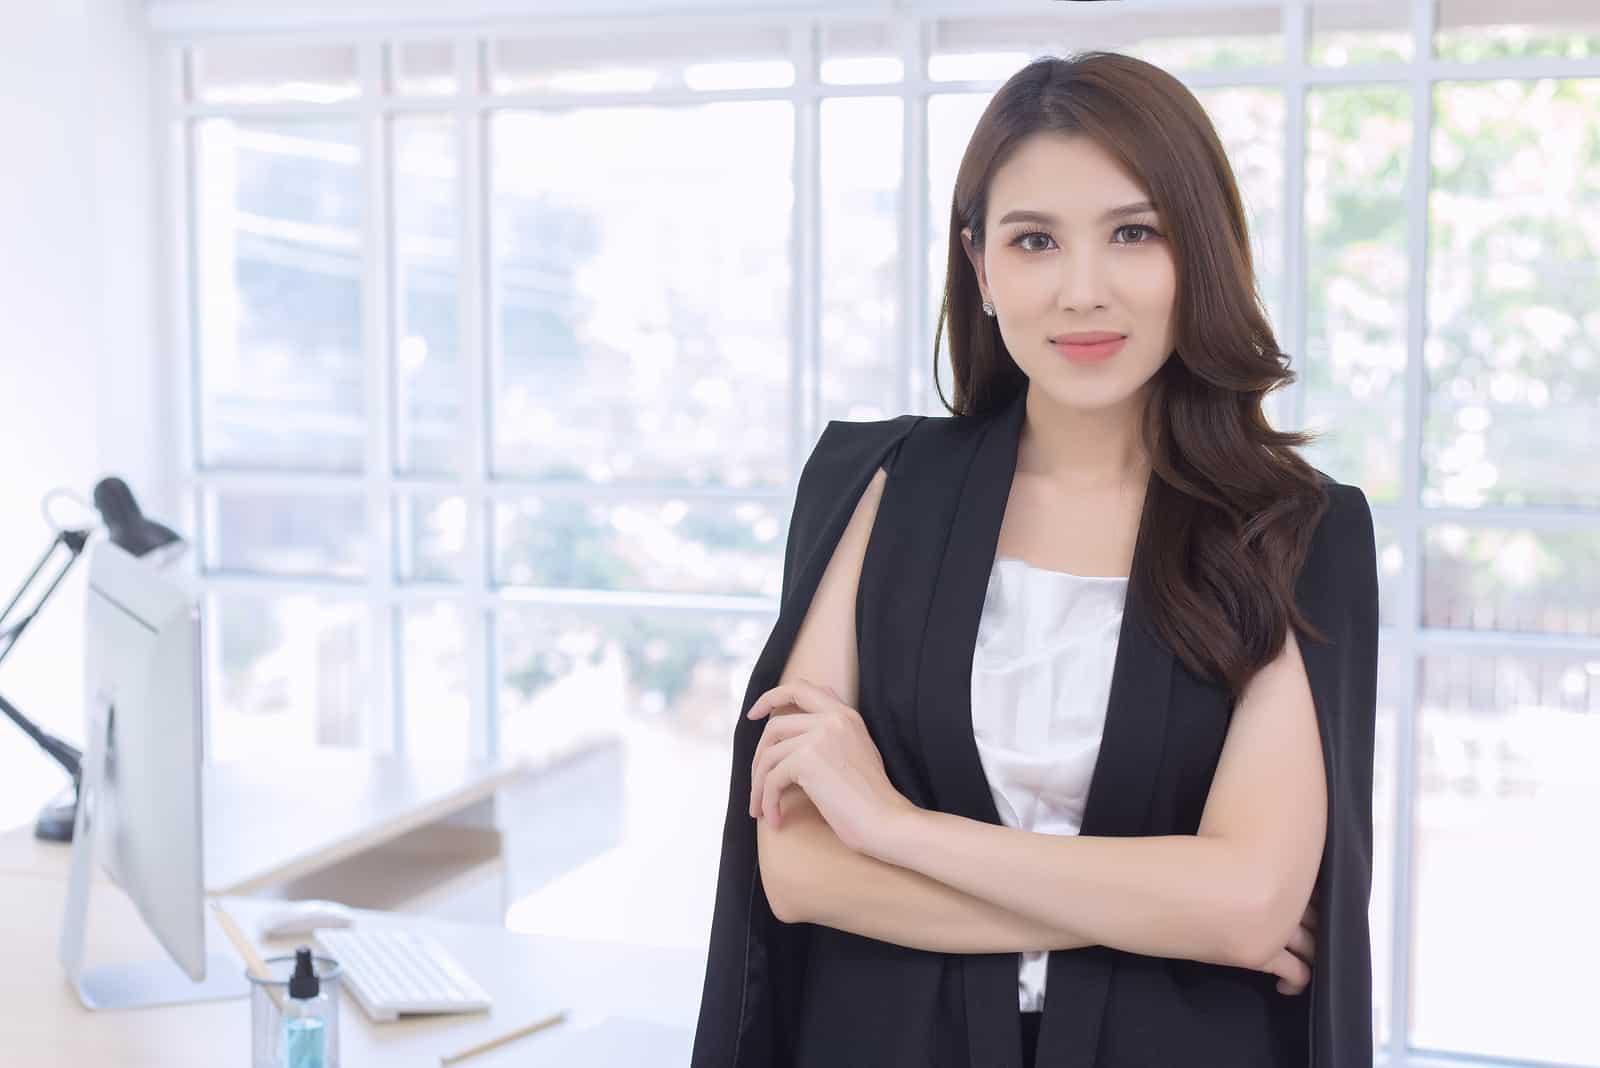 Im Büro ist eine schöne Geschäftsfrau